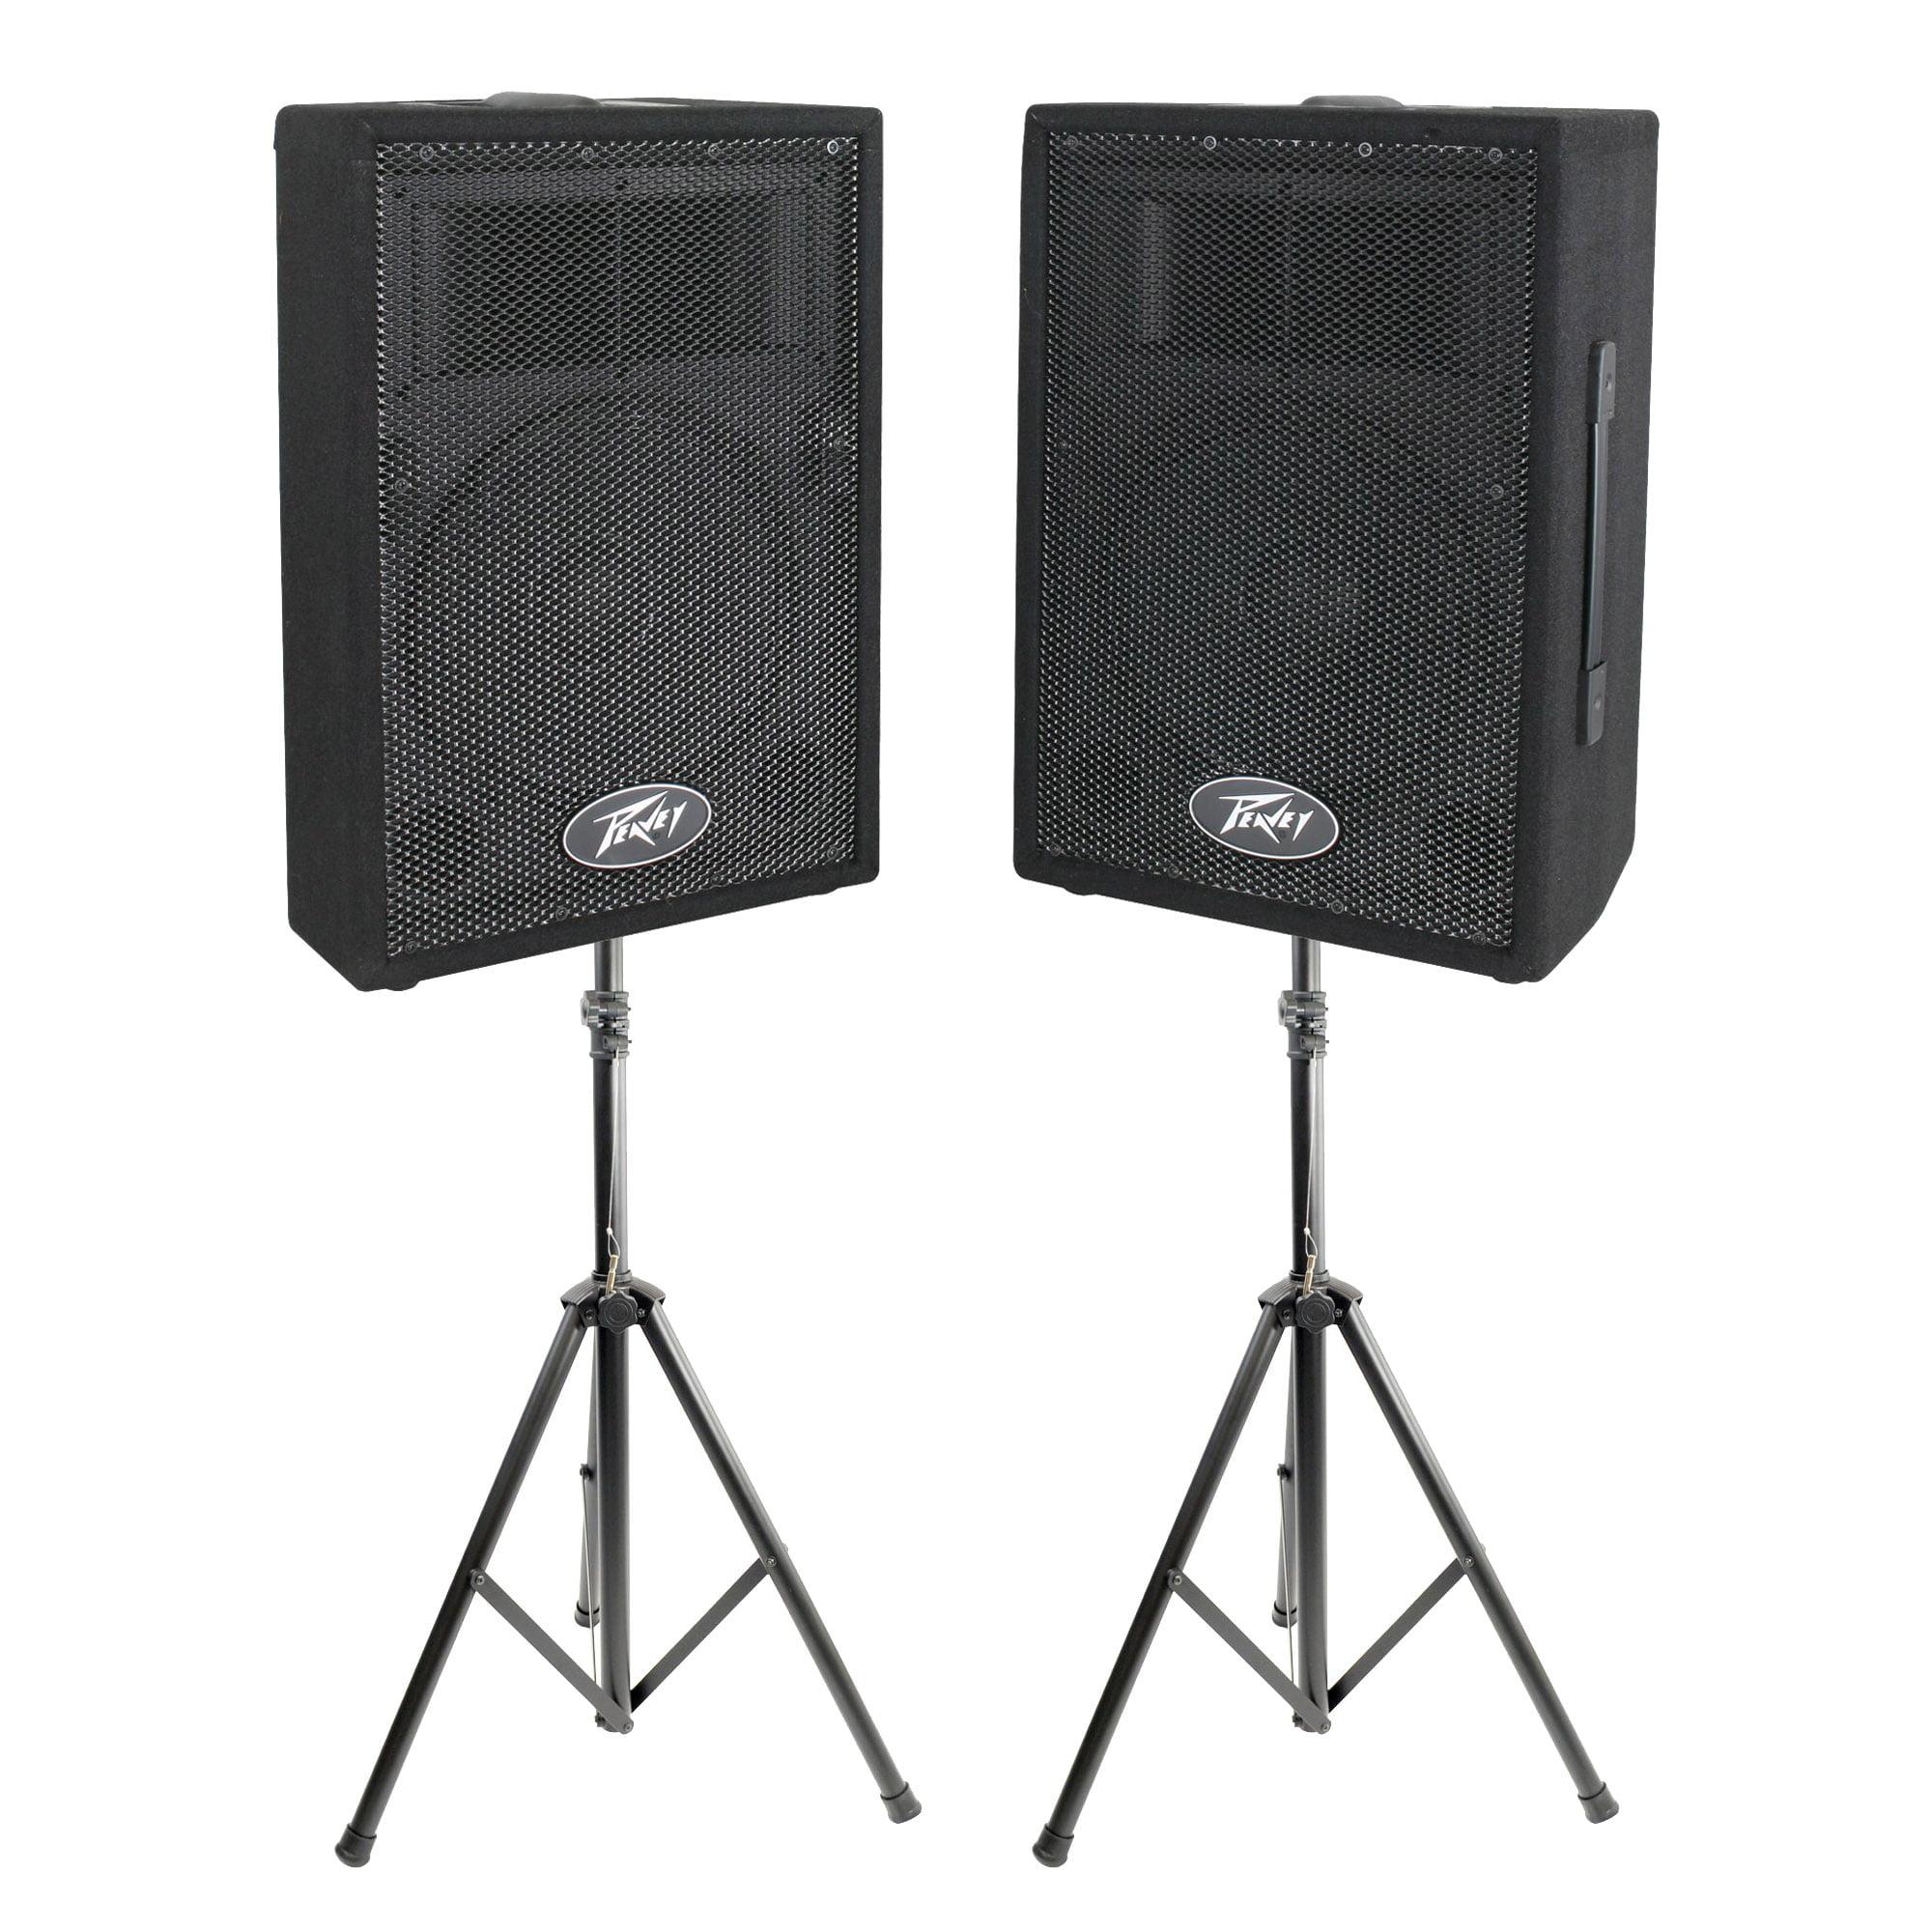 Peavey DJ 2-Way 100 Watt PA Speaker System (2 Speakers) +...